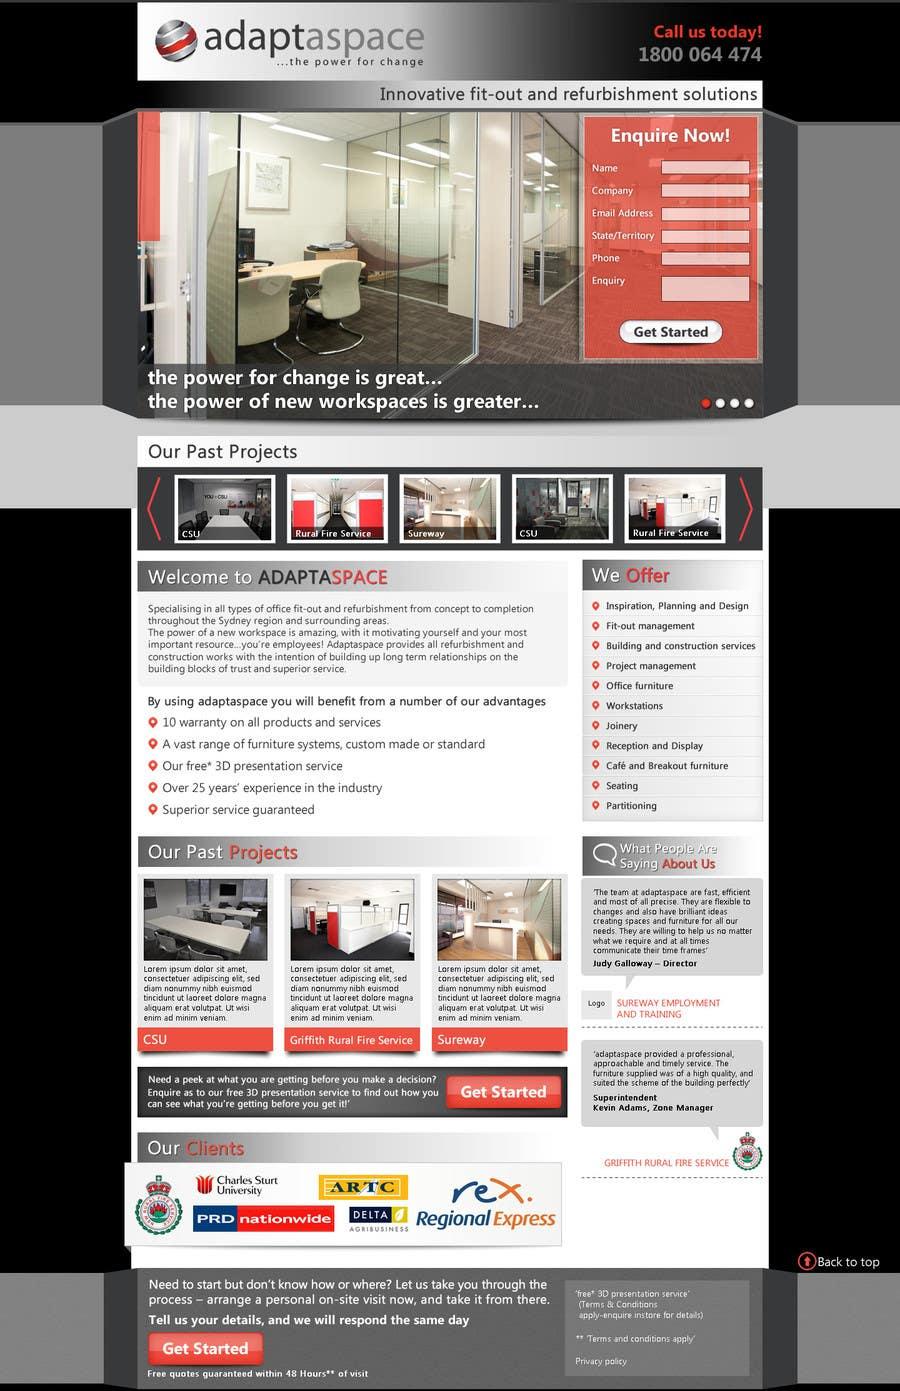 Konkurrenceindlæg #                                        7                                      for                                         Graphic Design for Landing Page